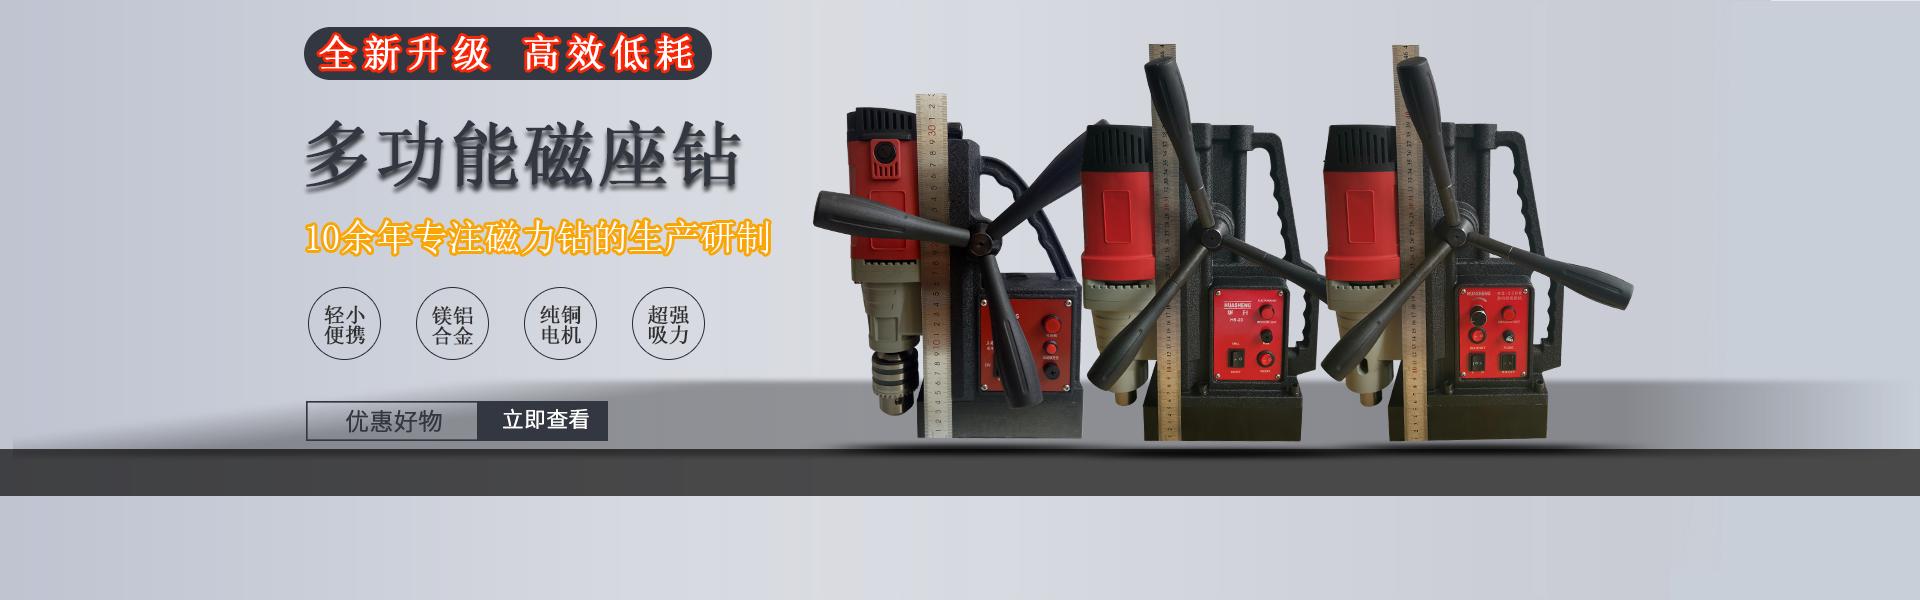 工业级多功能磁力钻